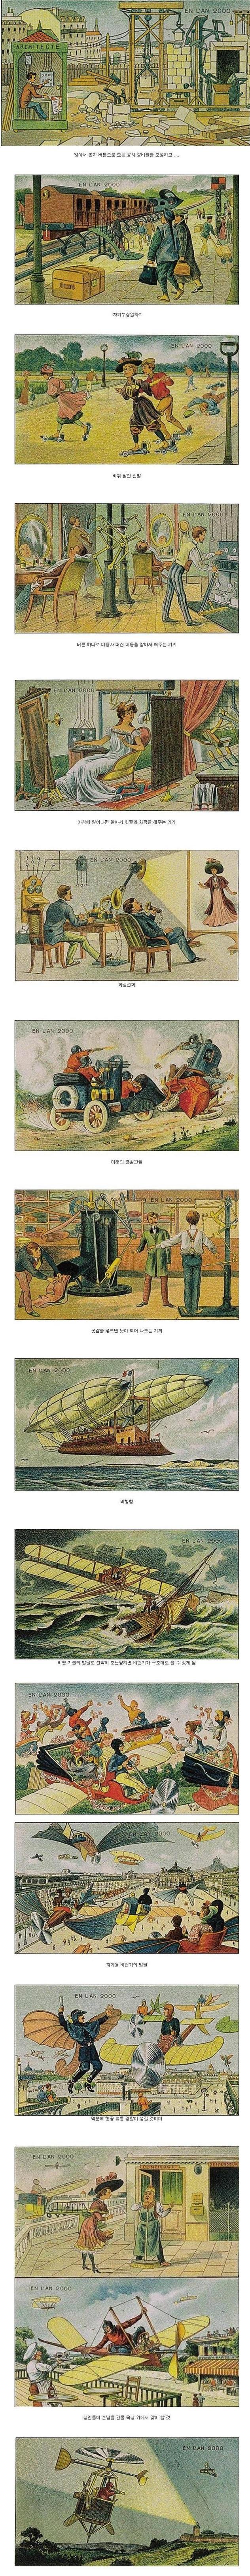 100년 전 유럽인들이 상상한 미